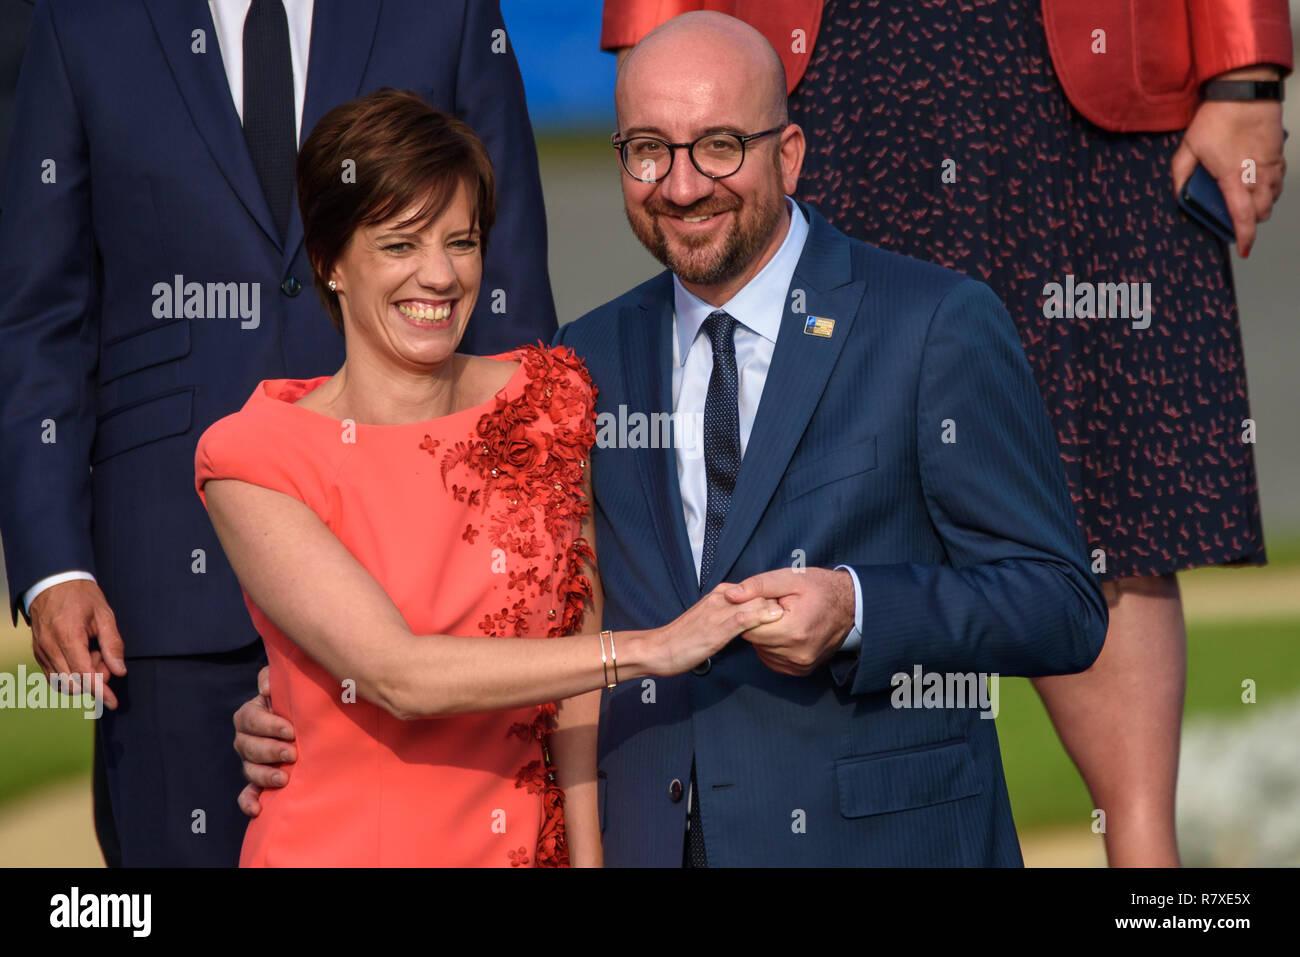 Belgischer Premierminister Stockfotos und -bilder Kaufen - Alamy